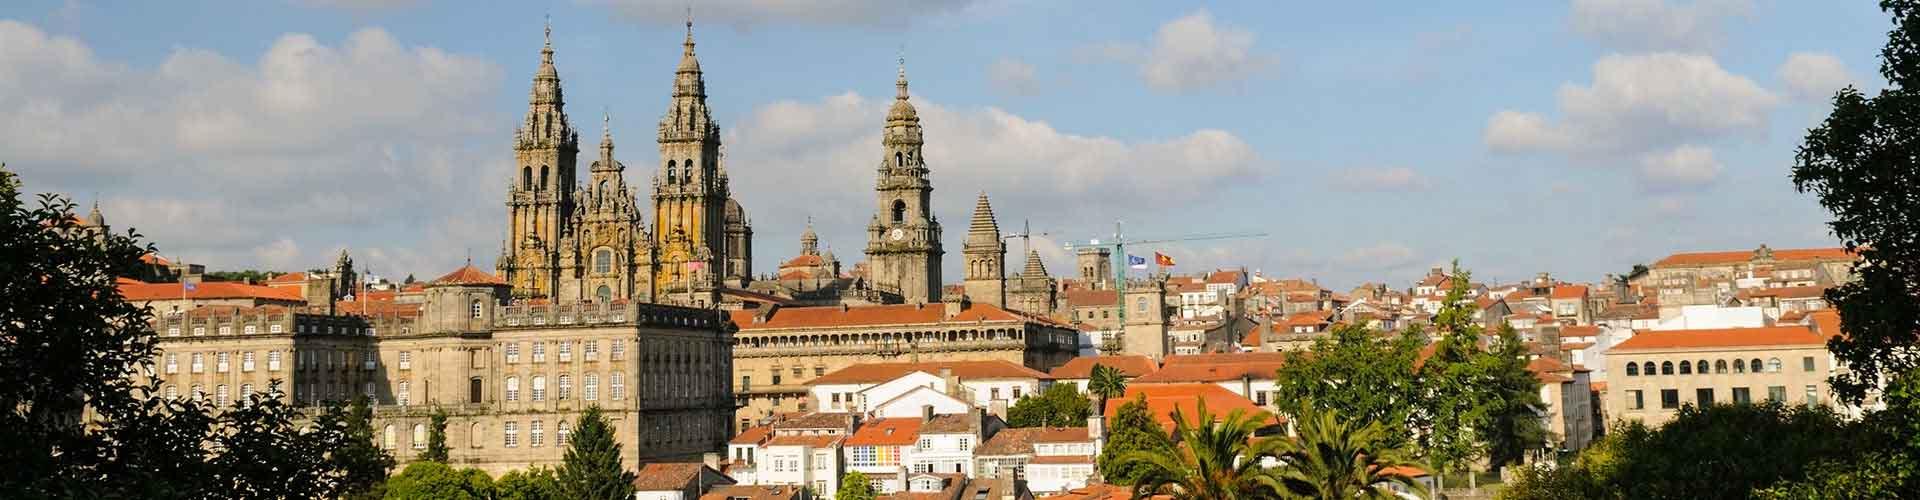 Santiago de Compostela - Hostales en Santiago de Compostela. Mapas de Santiago de Compostela, Fotos y comentarios de cada Hostal en Santiago de Compostela.